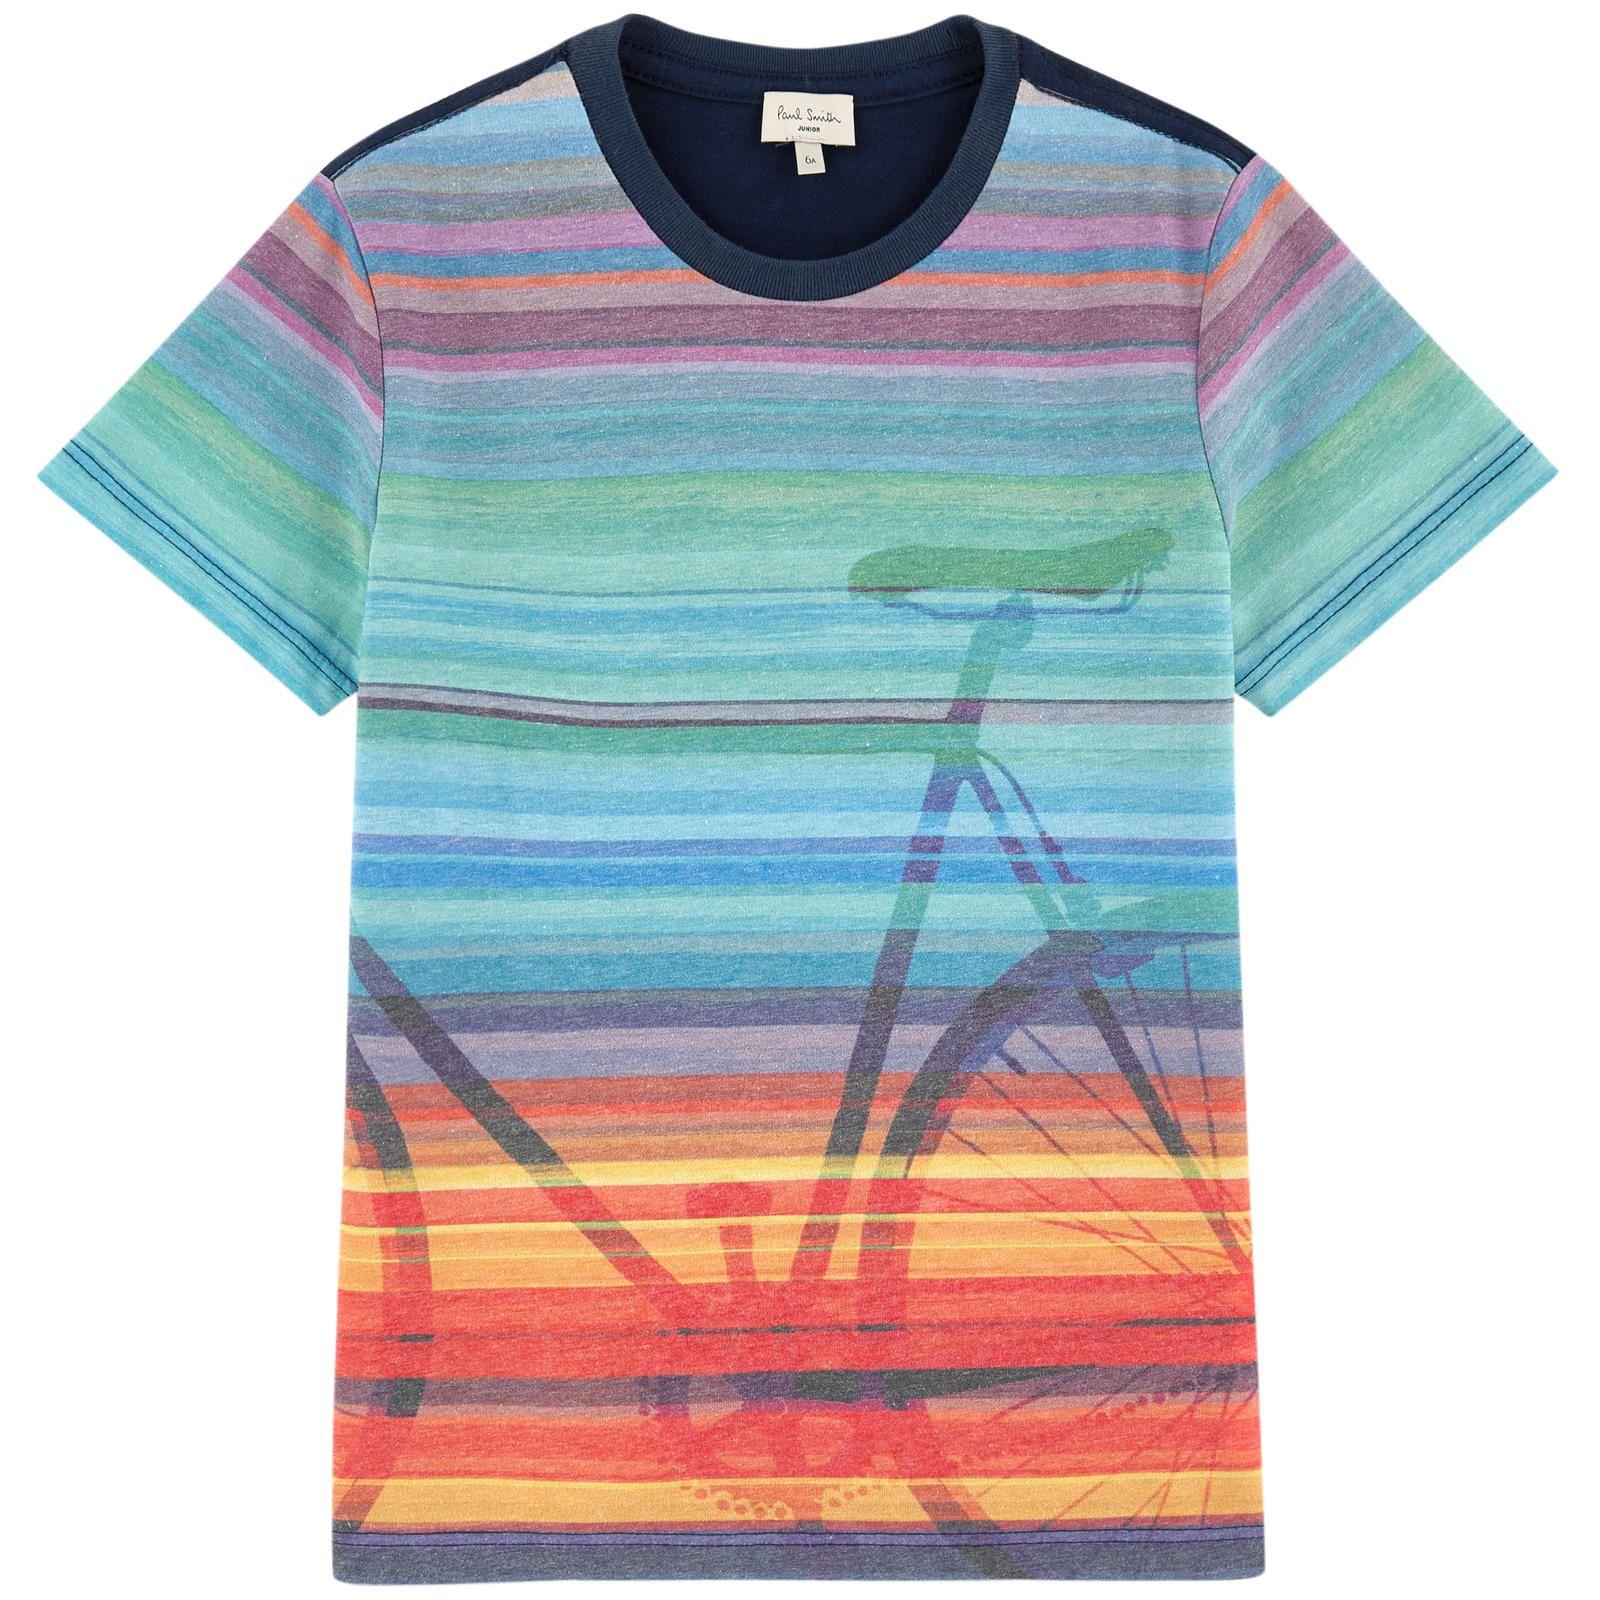 Striped T Shirt Cocuk Giyim Giyim [ 1600 x 1600 Pixel ]